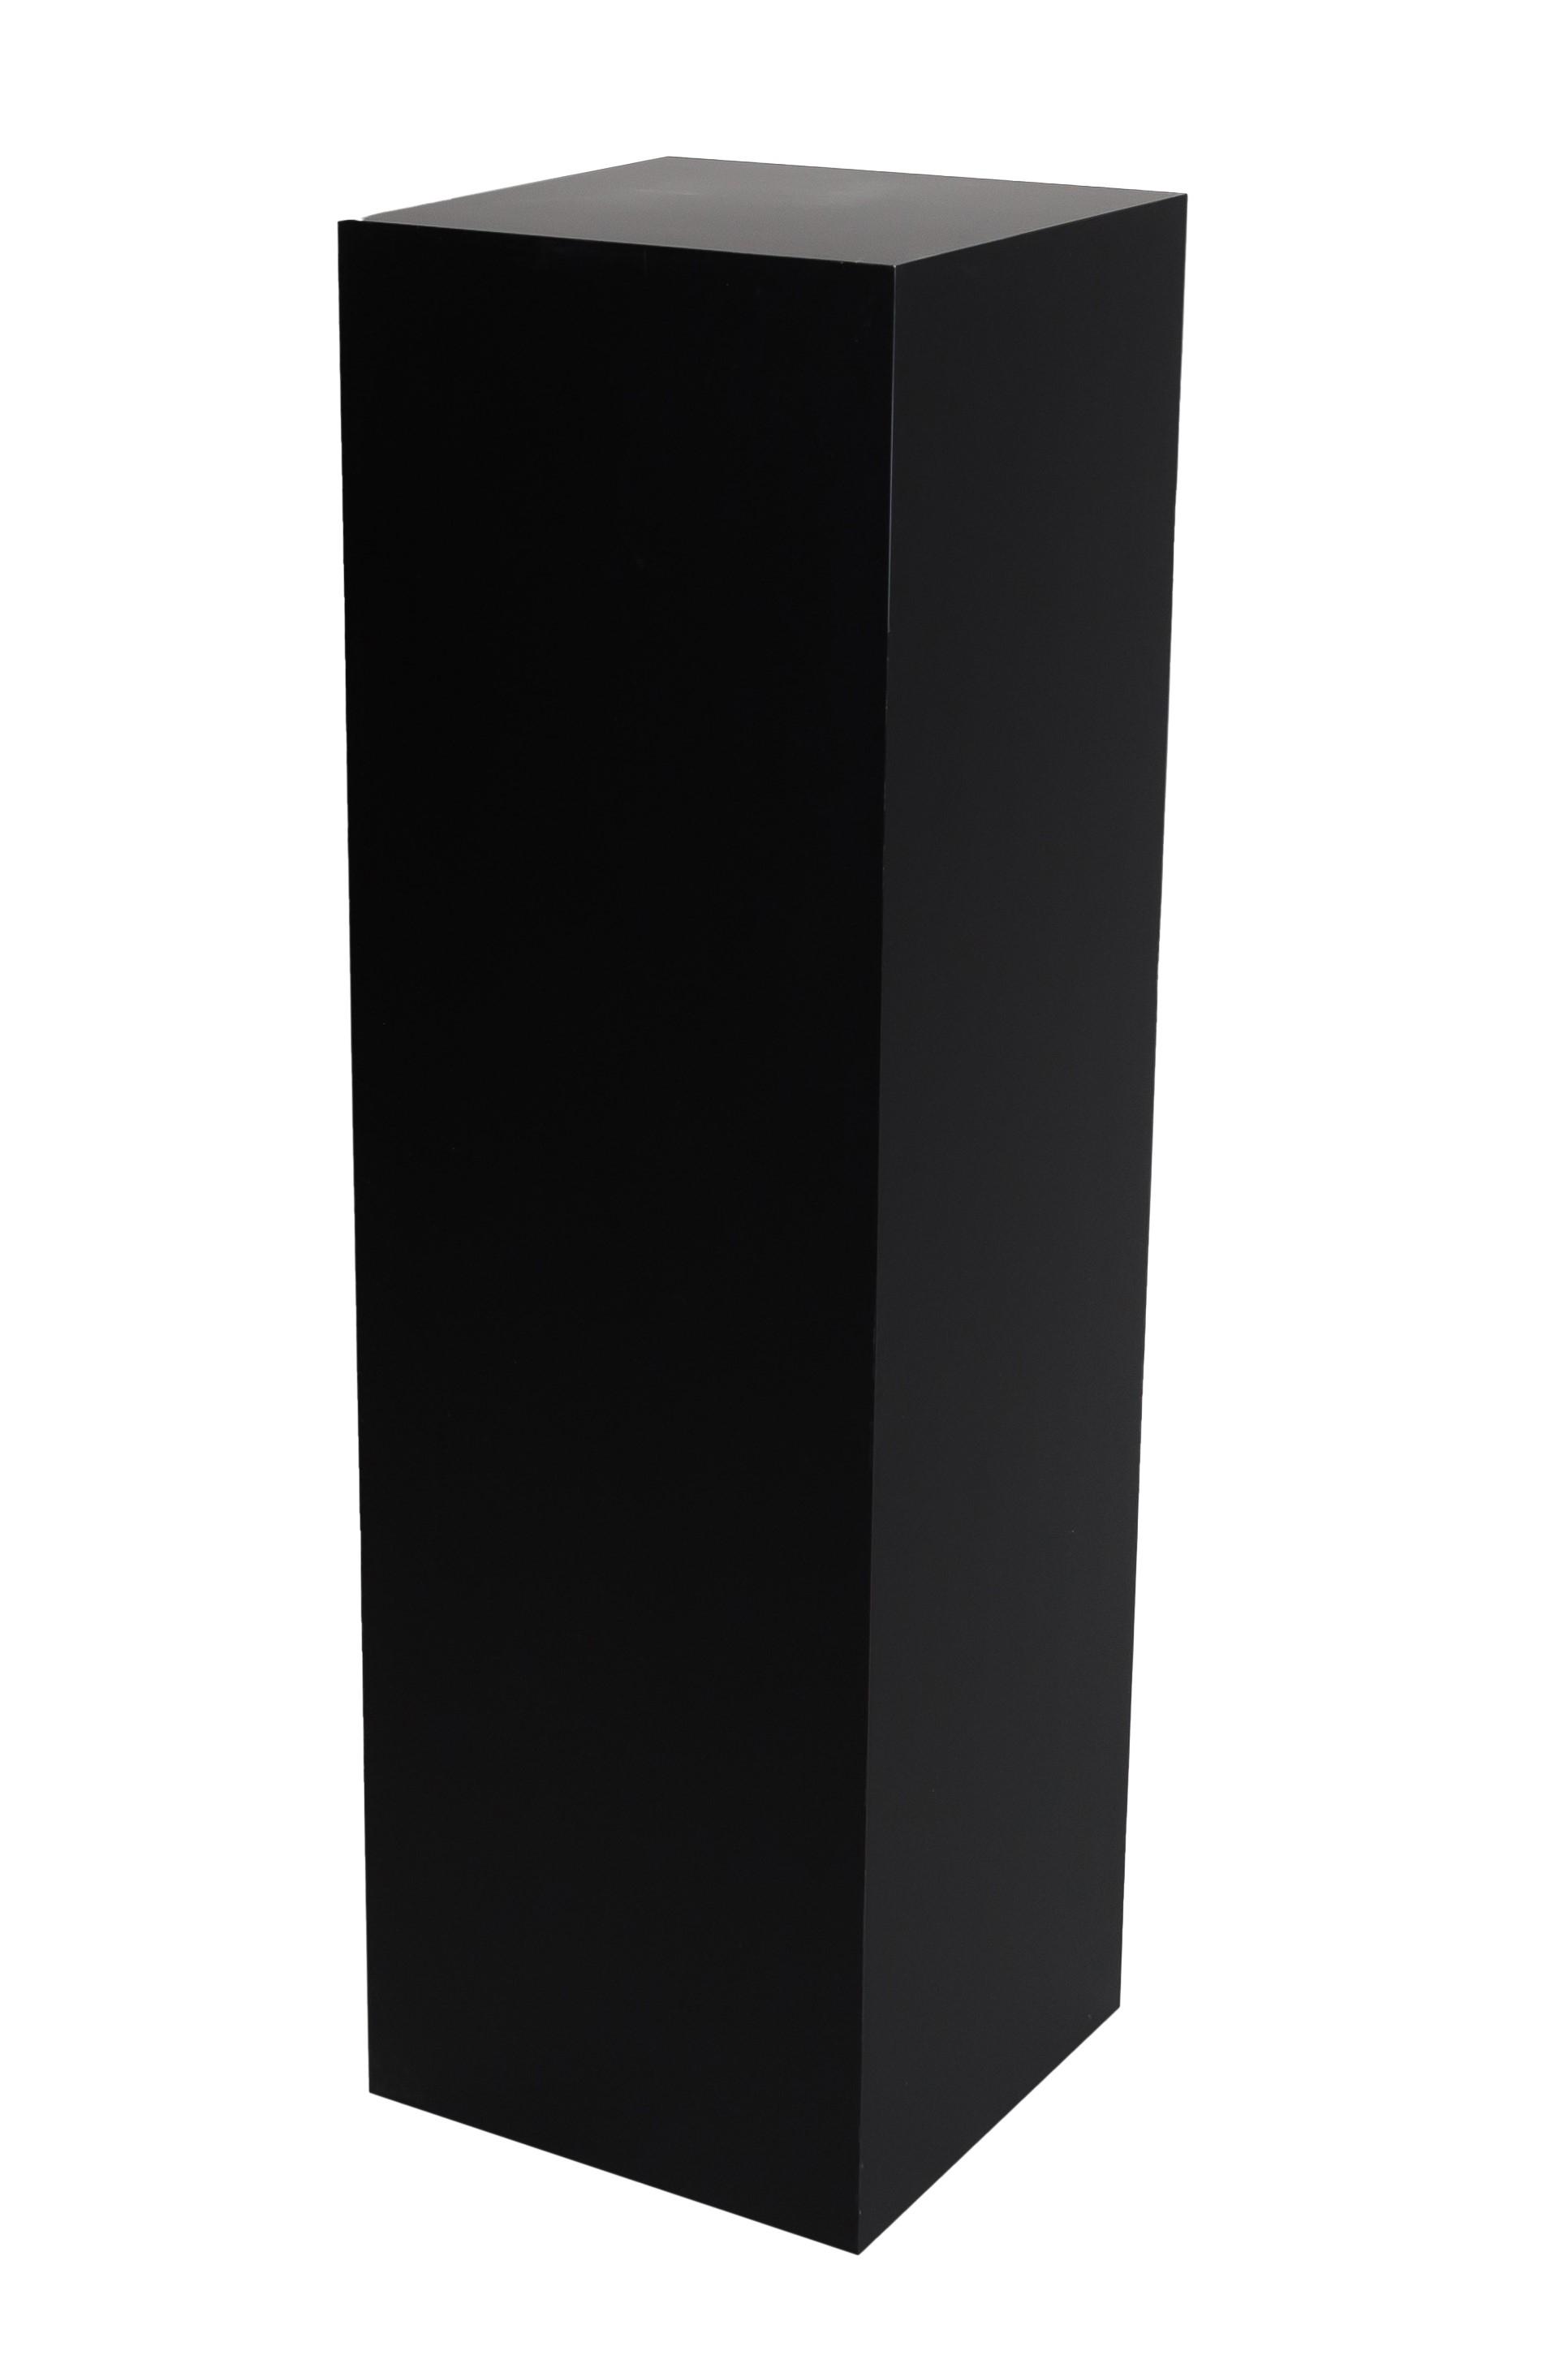 Solits pidestall svart matt